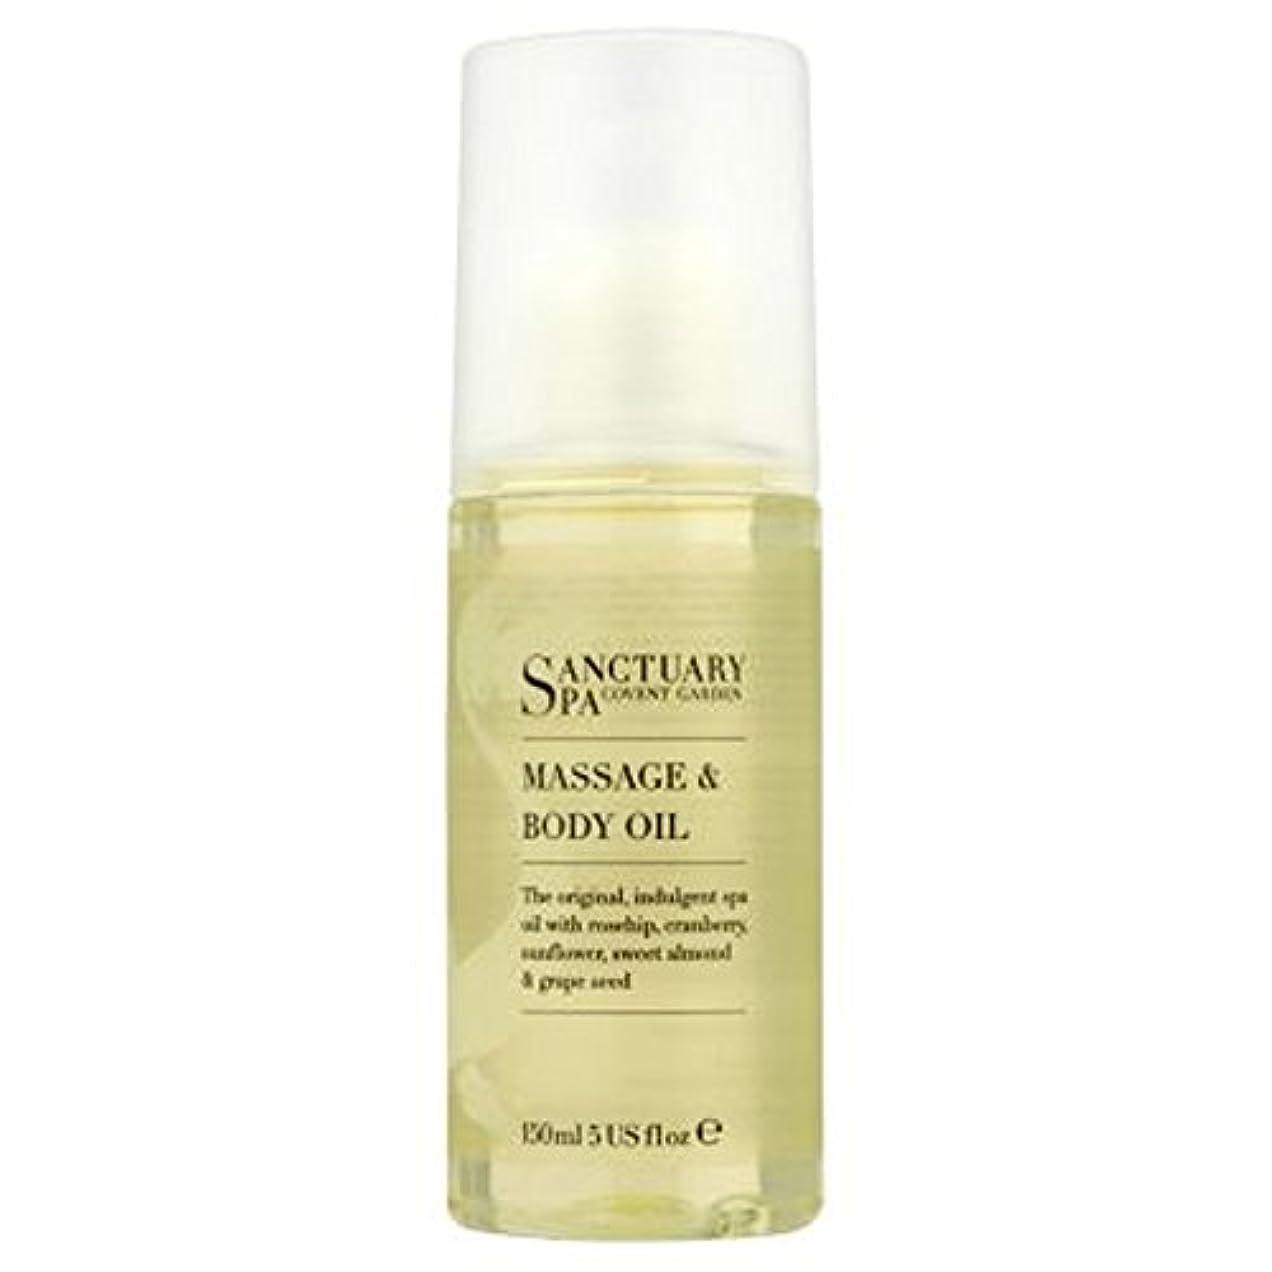 ガレージくつろぎ起きてSanctuary Daily Spa Escape Massage and Body Oil - 150ml - 聖域毎日のスパエスケープマッサージやボディオイル - 150ミリリットル (Sanctuary) [並行輸入品]